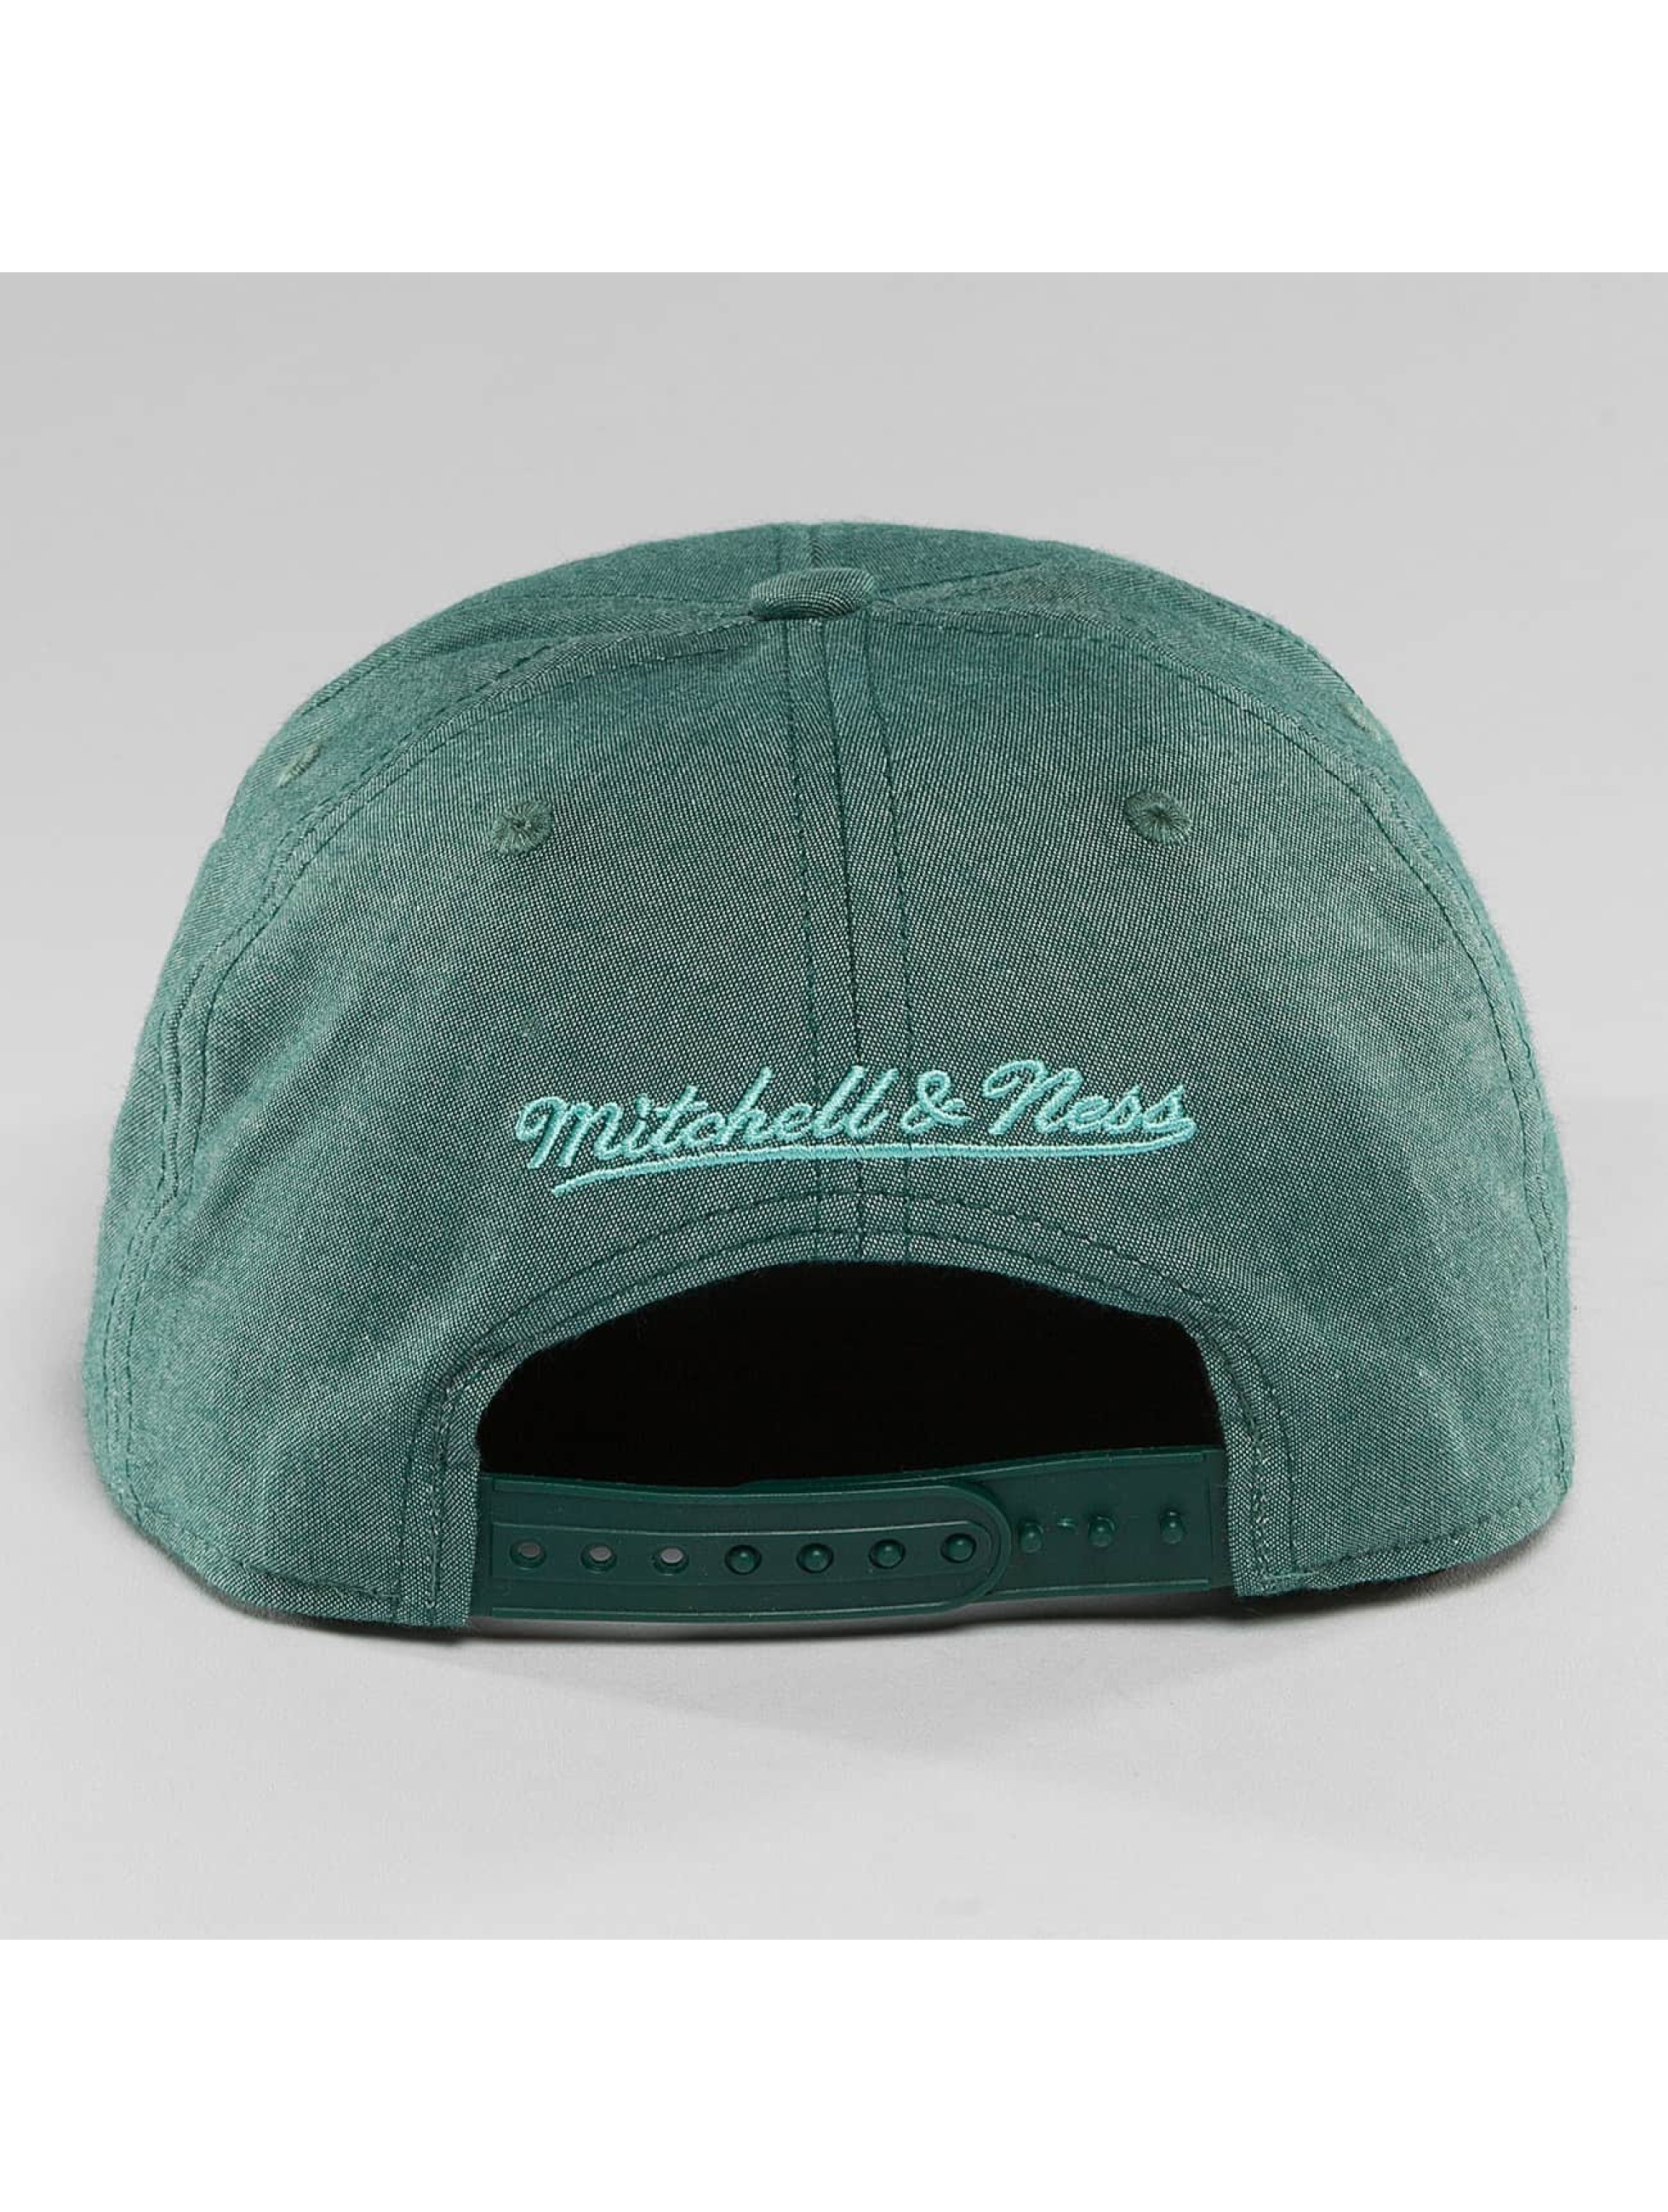 Mitchell & Ness Snapback Caps Italian Washed olivový